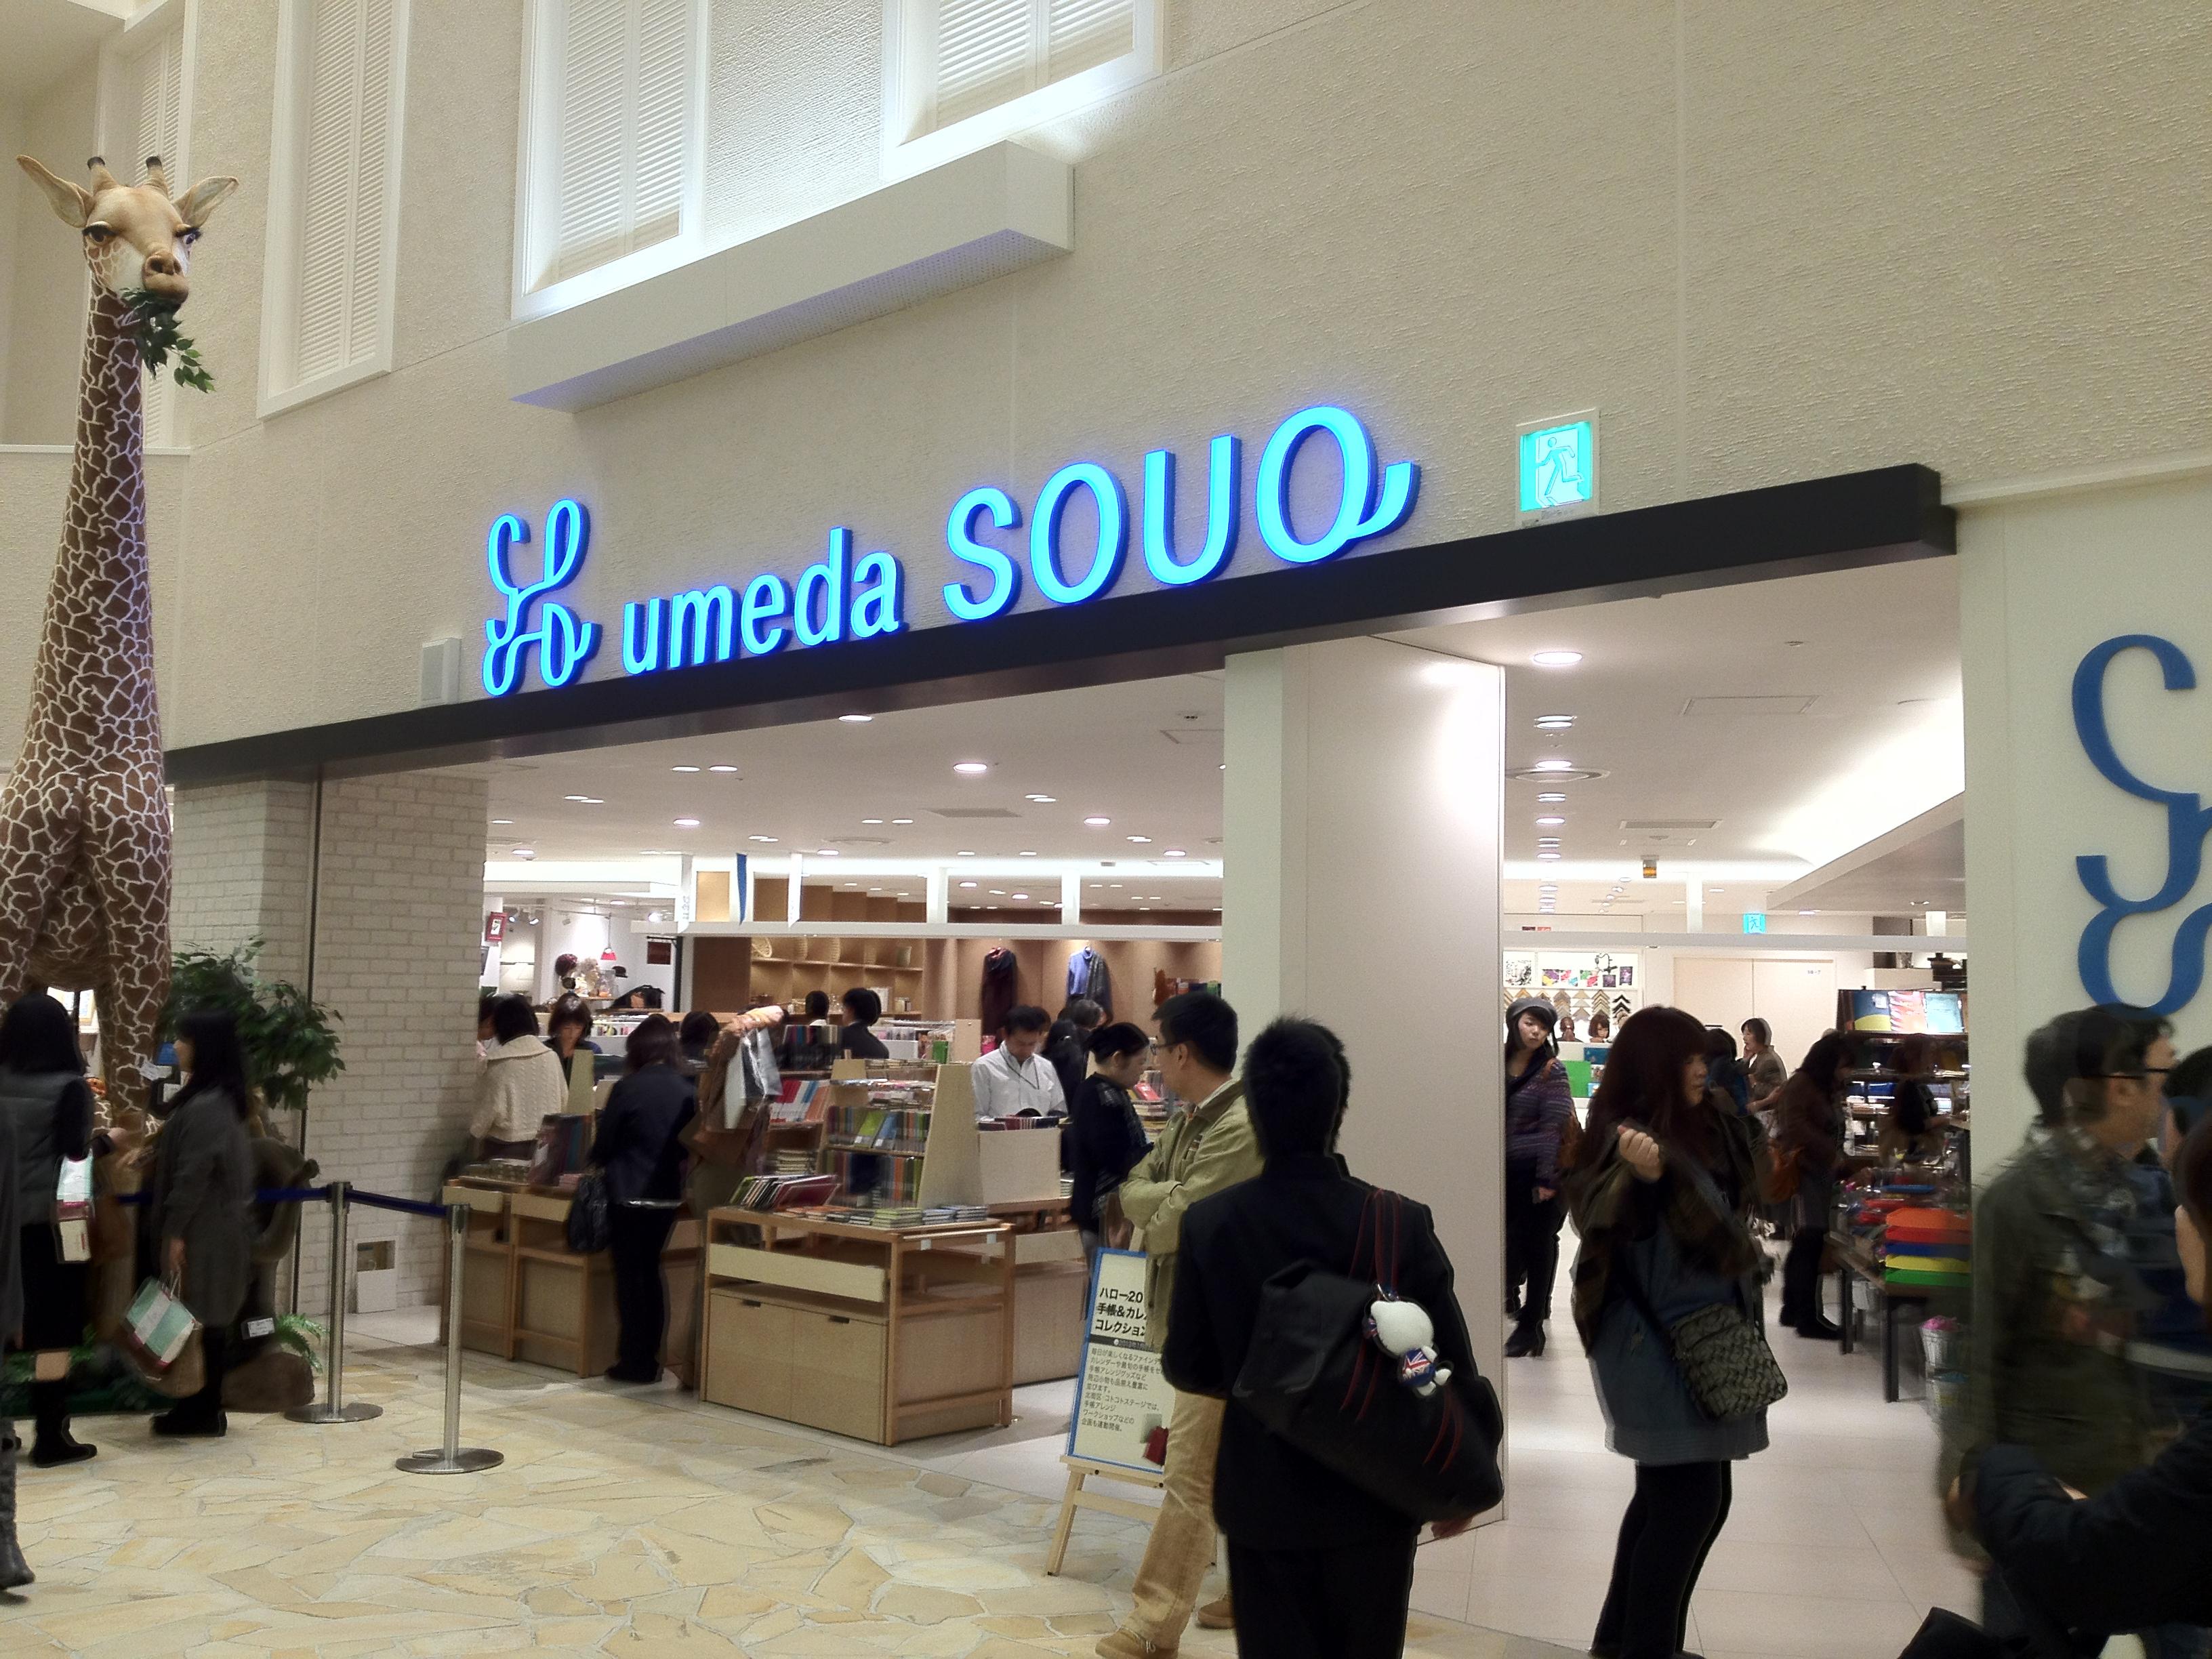 File:Umeda SOUQ jpg - Wikimedia Commons